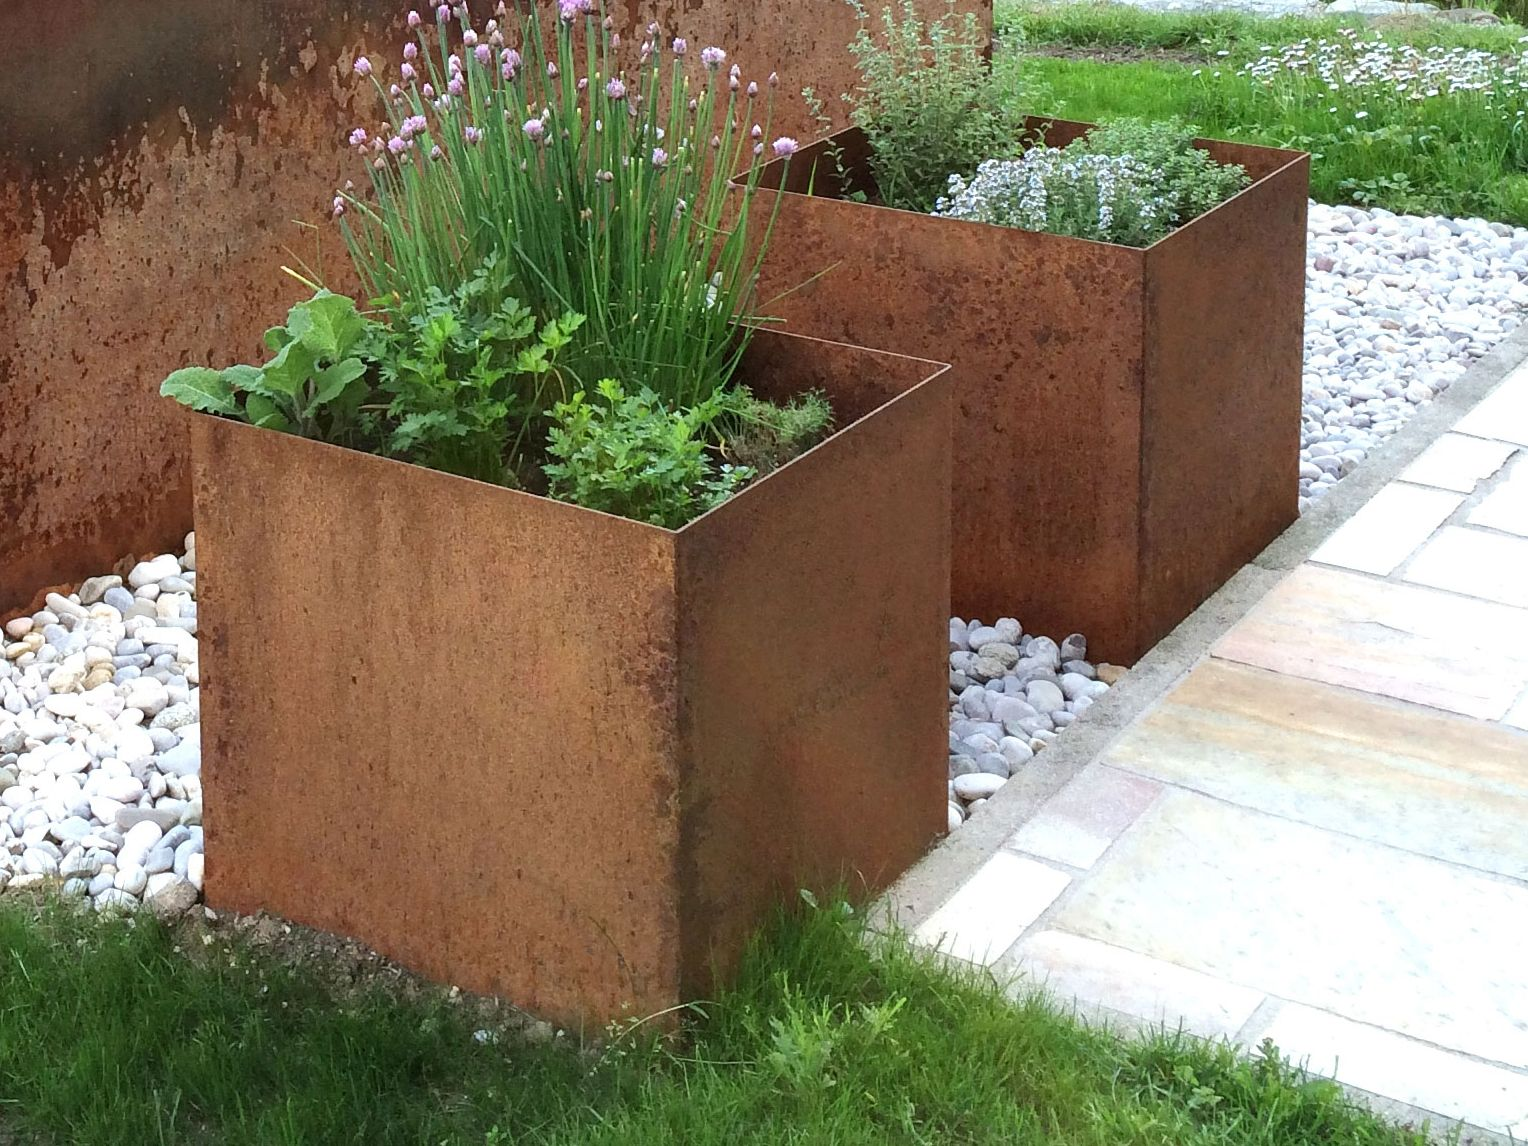 Pflanztrog Quadratisch Pflanzen Outdoor Pflanzen Garten Hochbeet